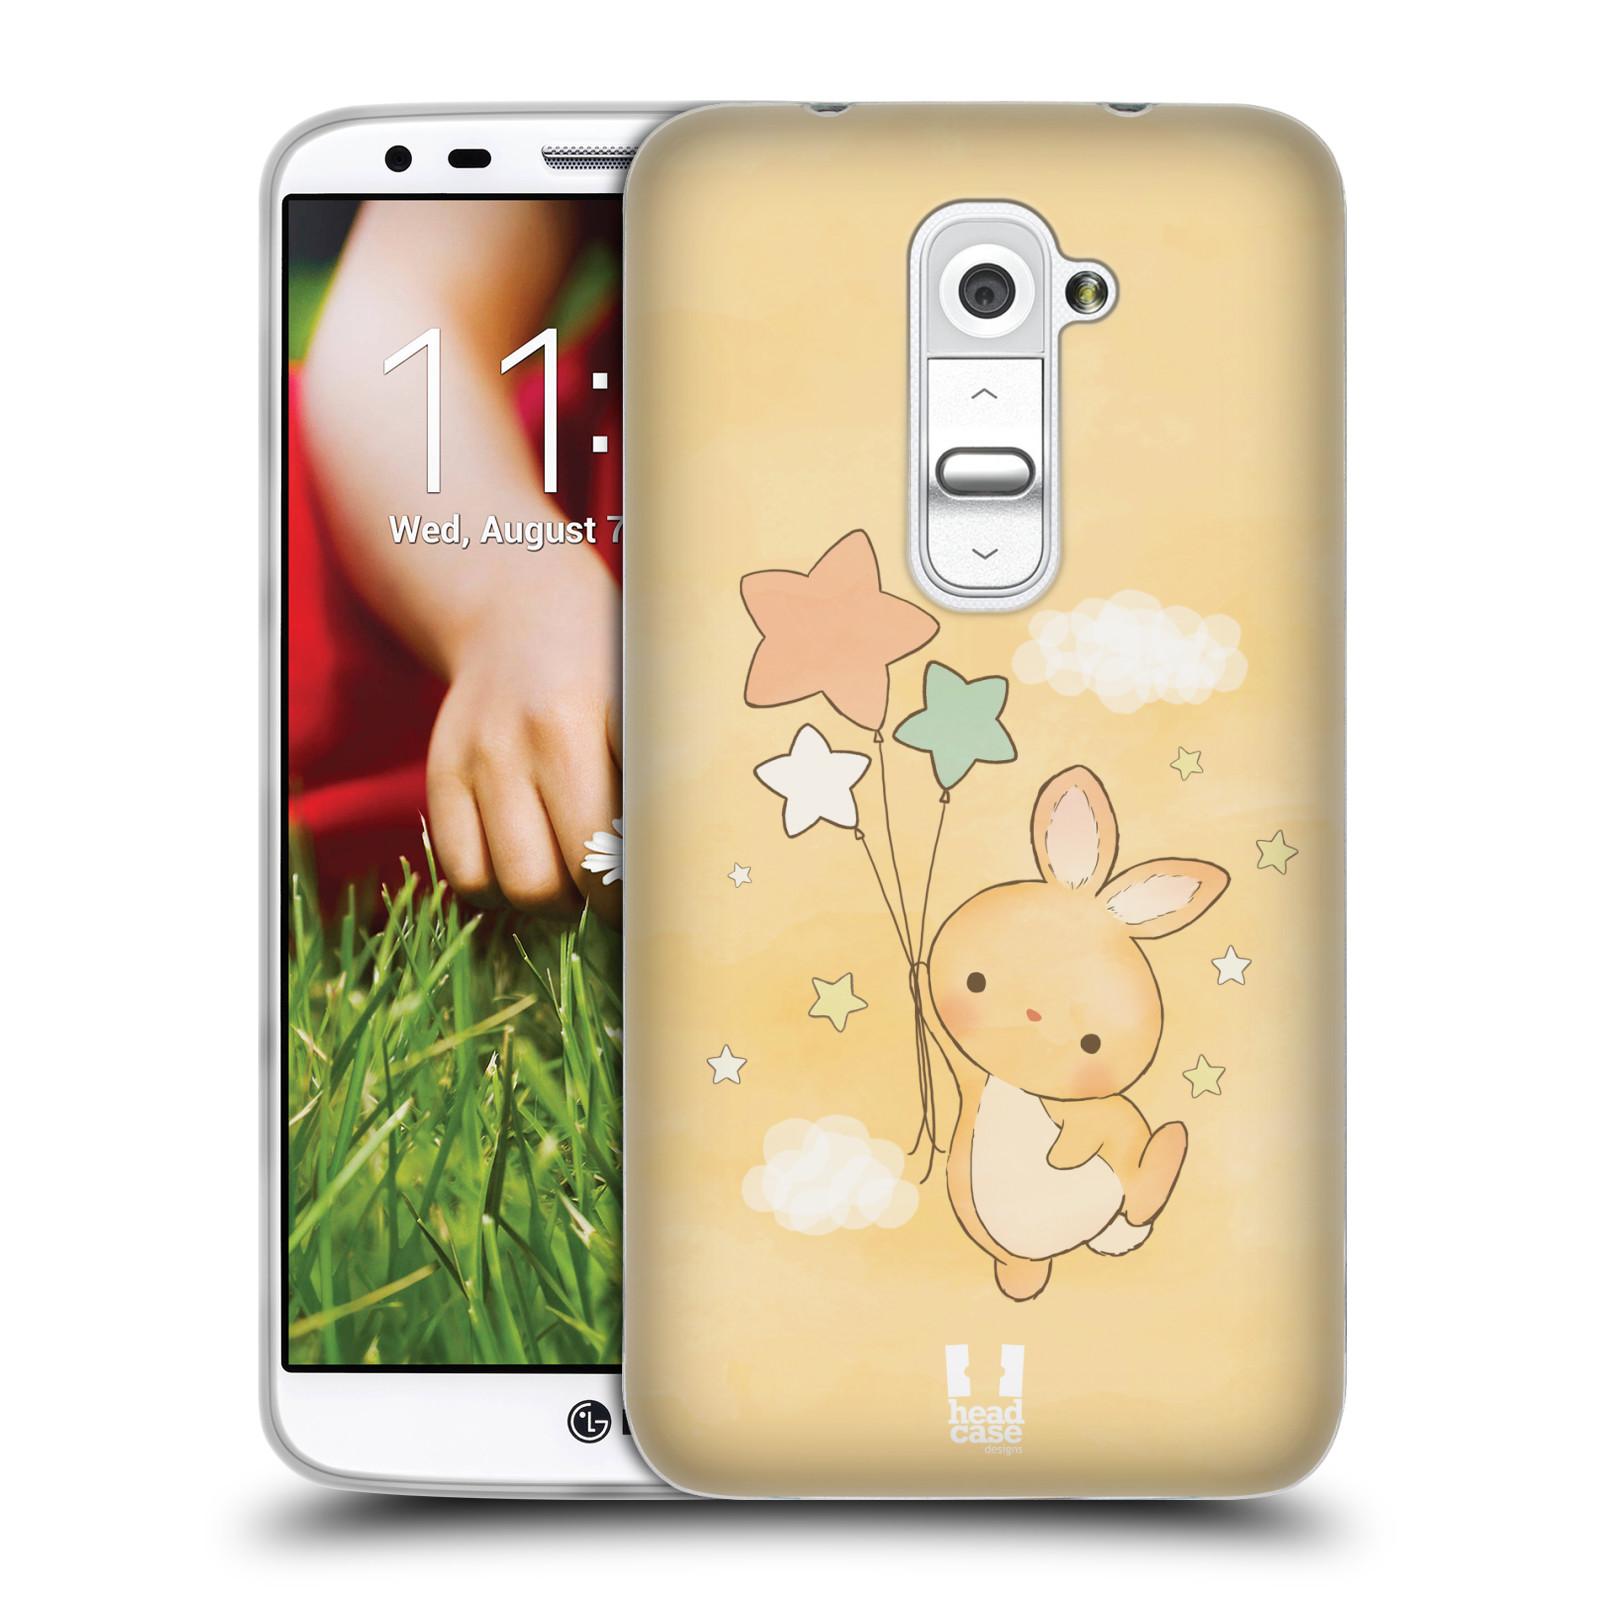 HEAD CASE silikonový obal na mobil LG G2 vzor králíček a hvězdy žlutá